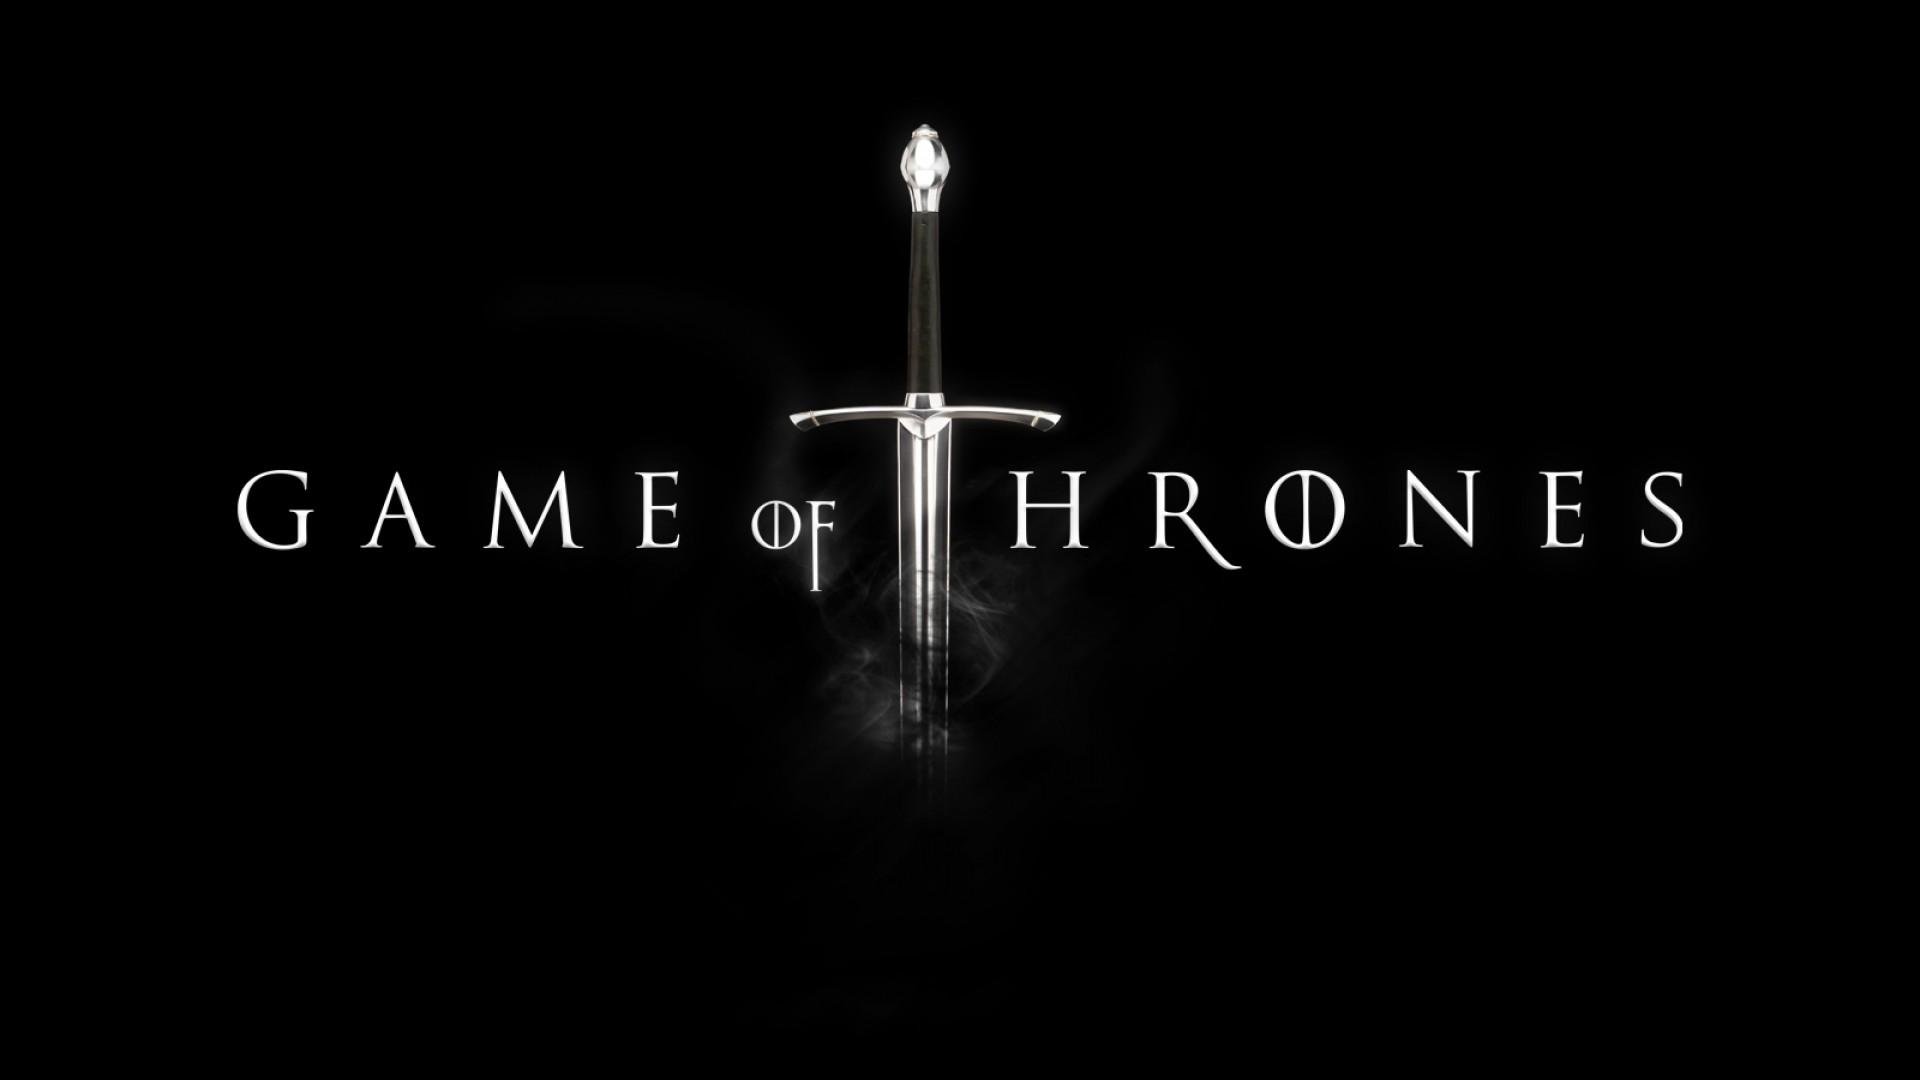 Game of Thrones ile İlgili Soruları Cevaplayan Chatbot